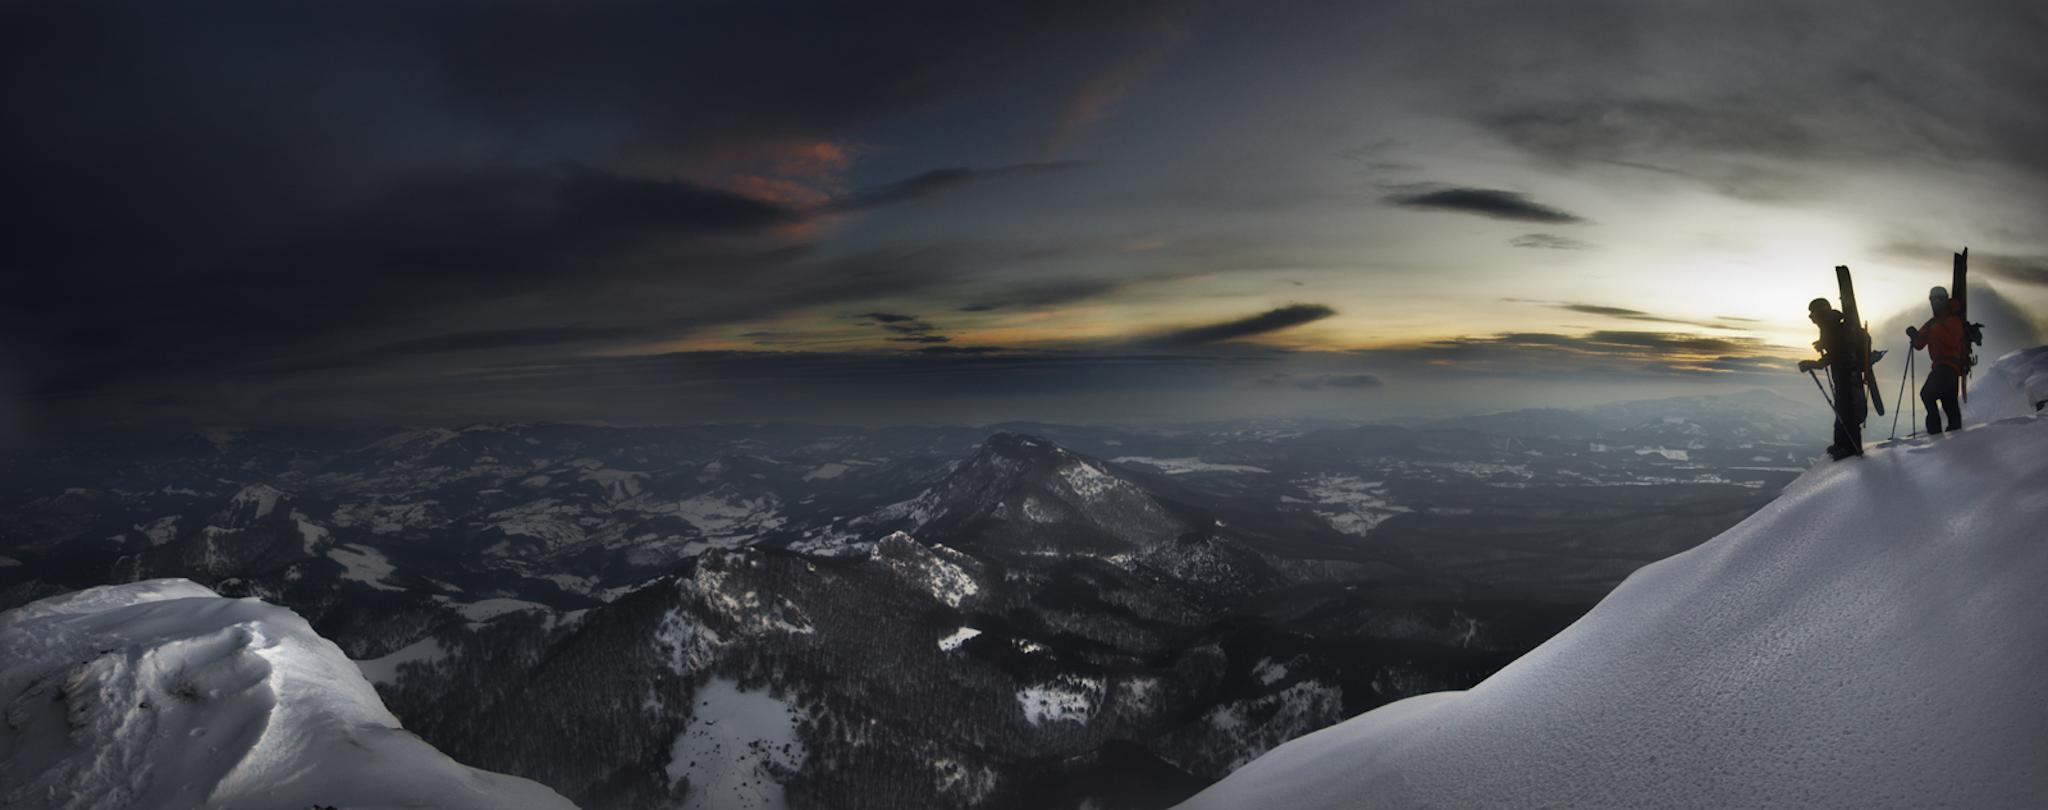 Anboto, Iosu Juaristi y Ekaitz Isasi - Ski & Snowboard - Fotos del Valle del Aragón, Mikel Besga